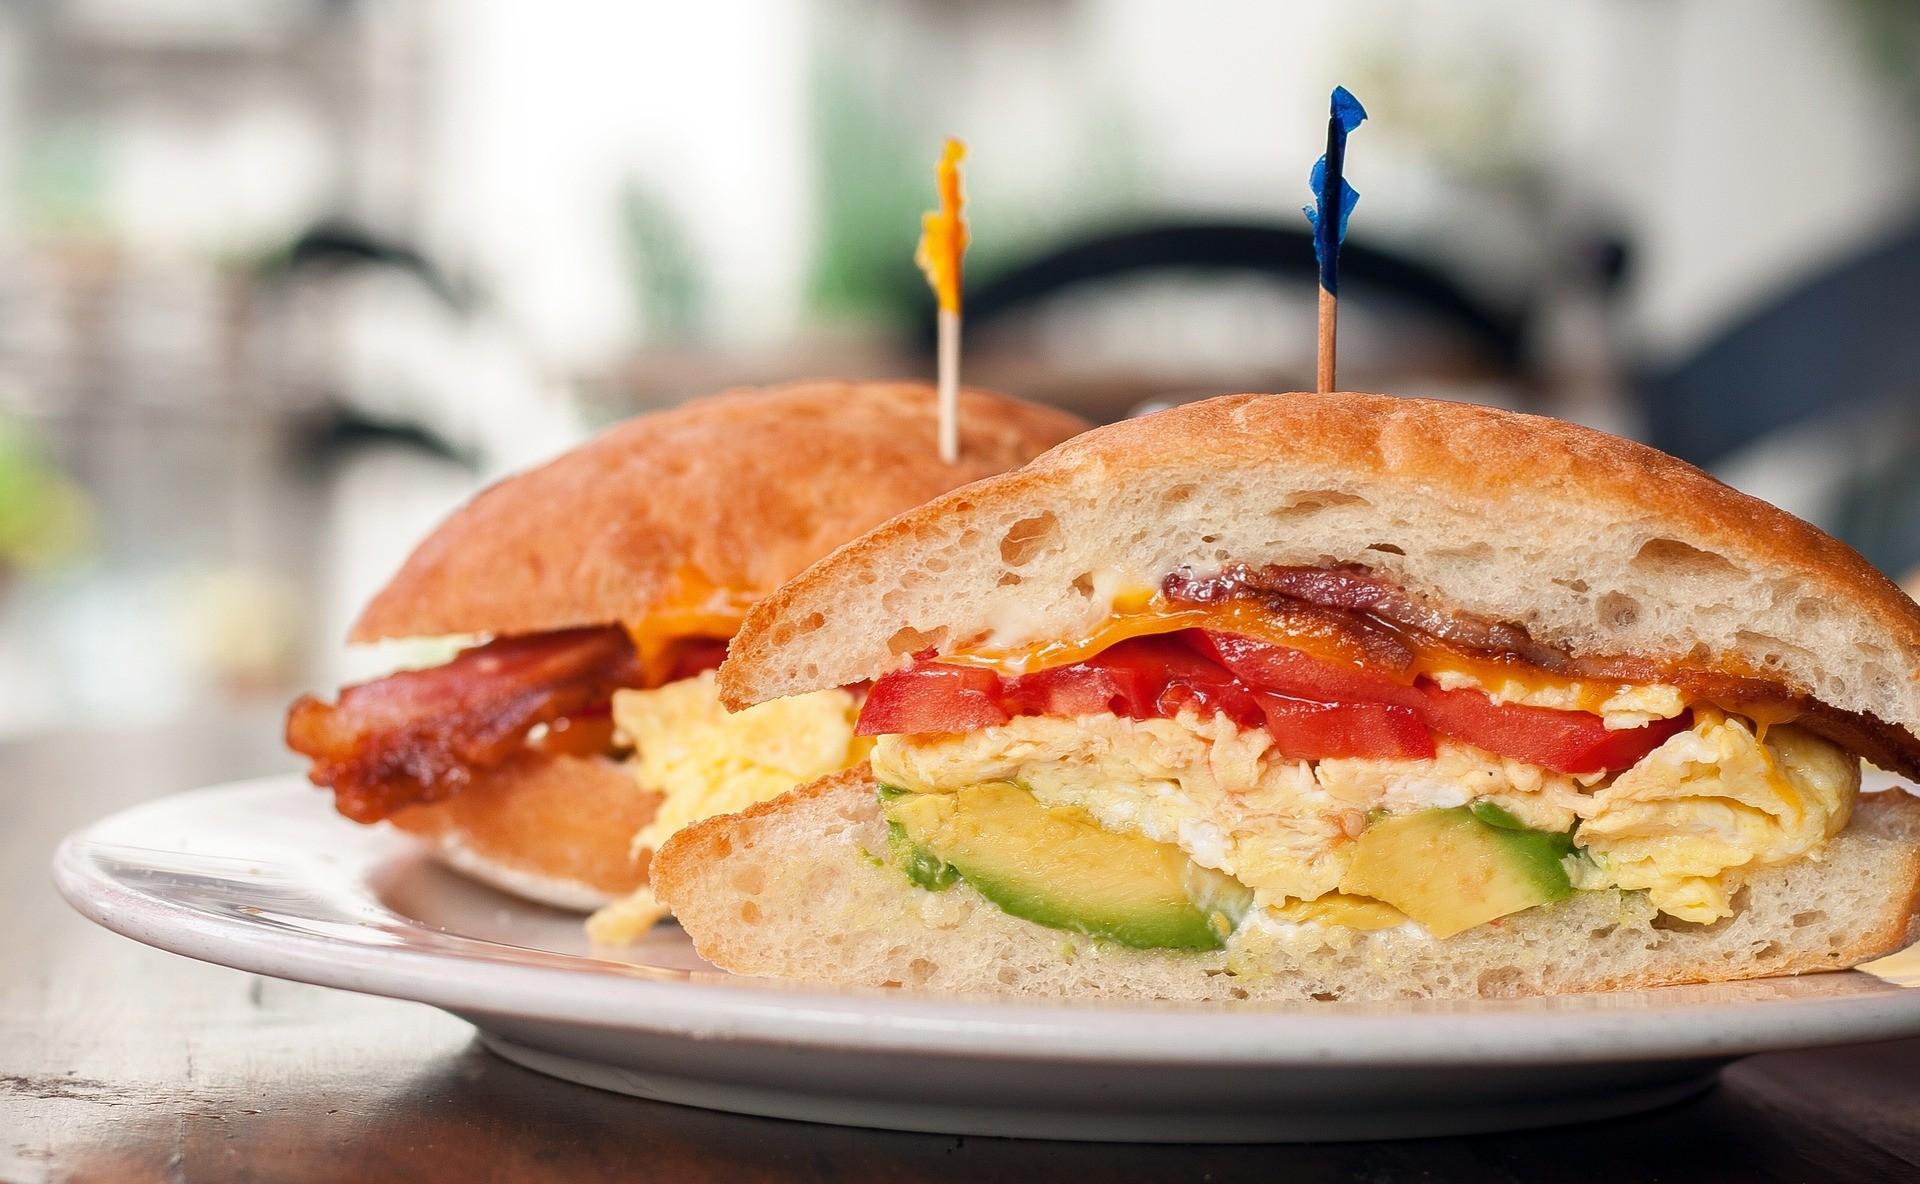 ▲西餐(三明治)。(圖/取自免費圖庫pixabay)